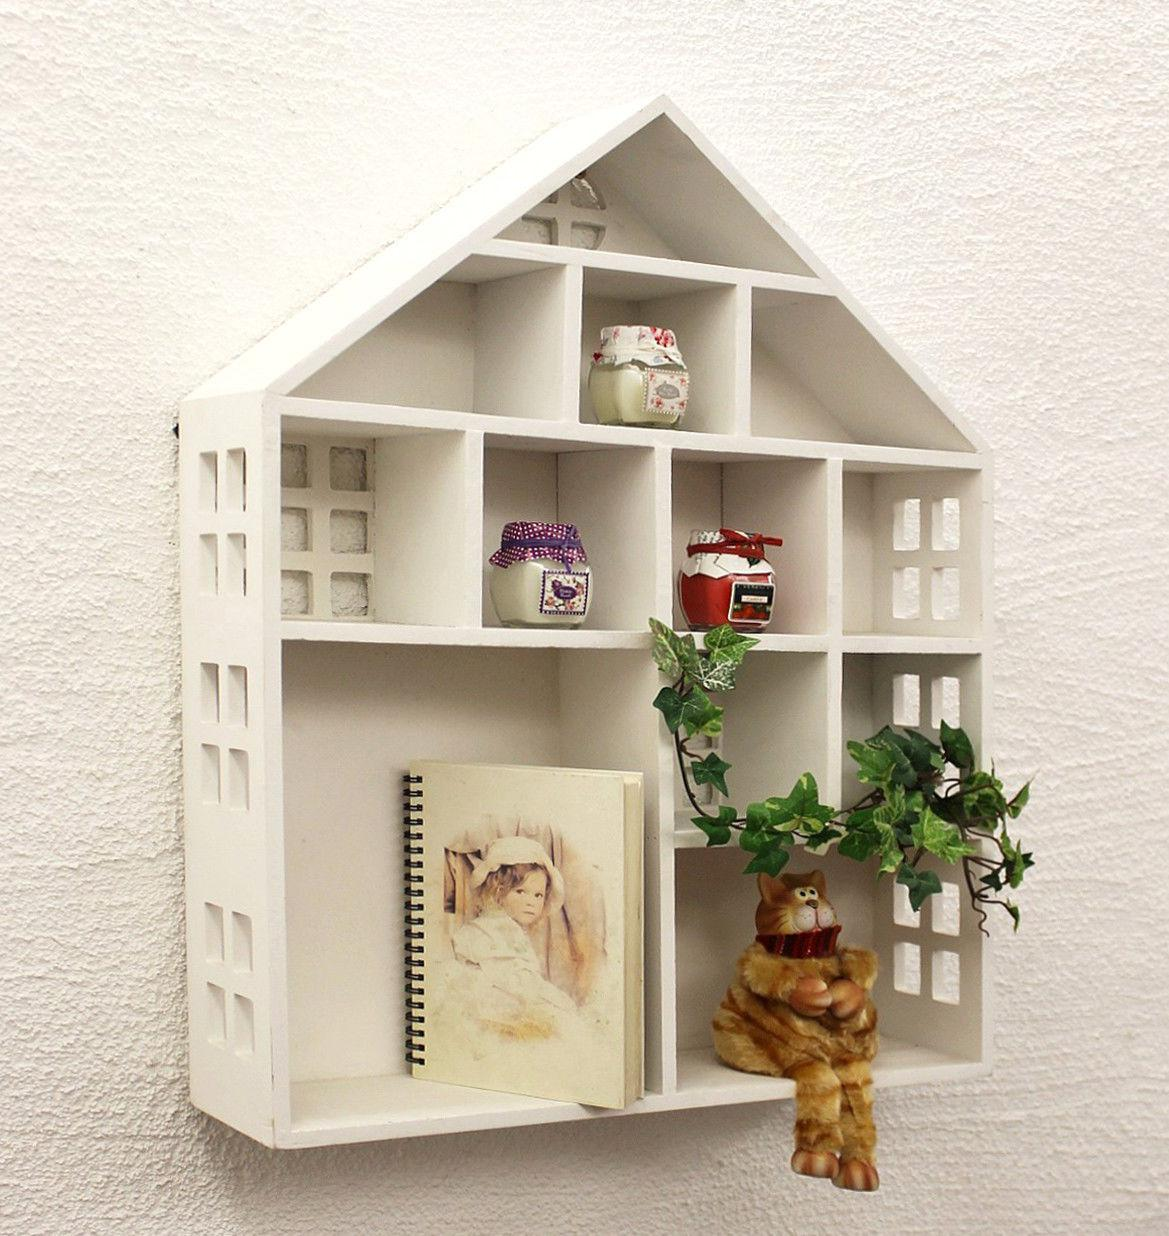 Seedbox Yx 14b176 Wallmounted Shelves White Shabby 60 Cm Display